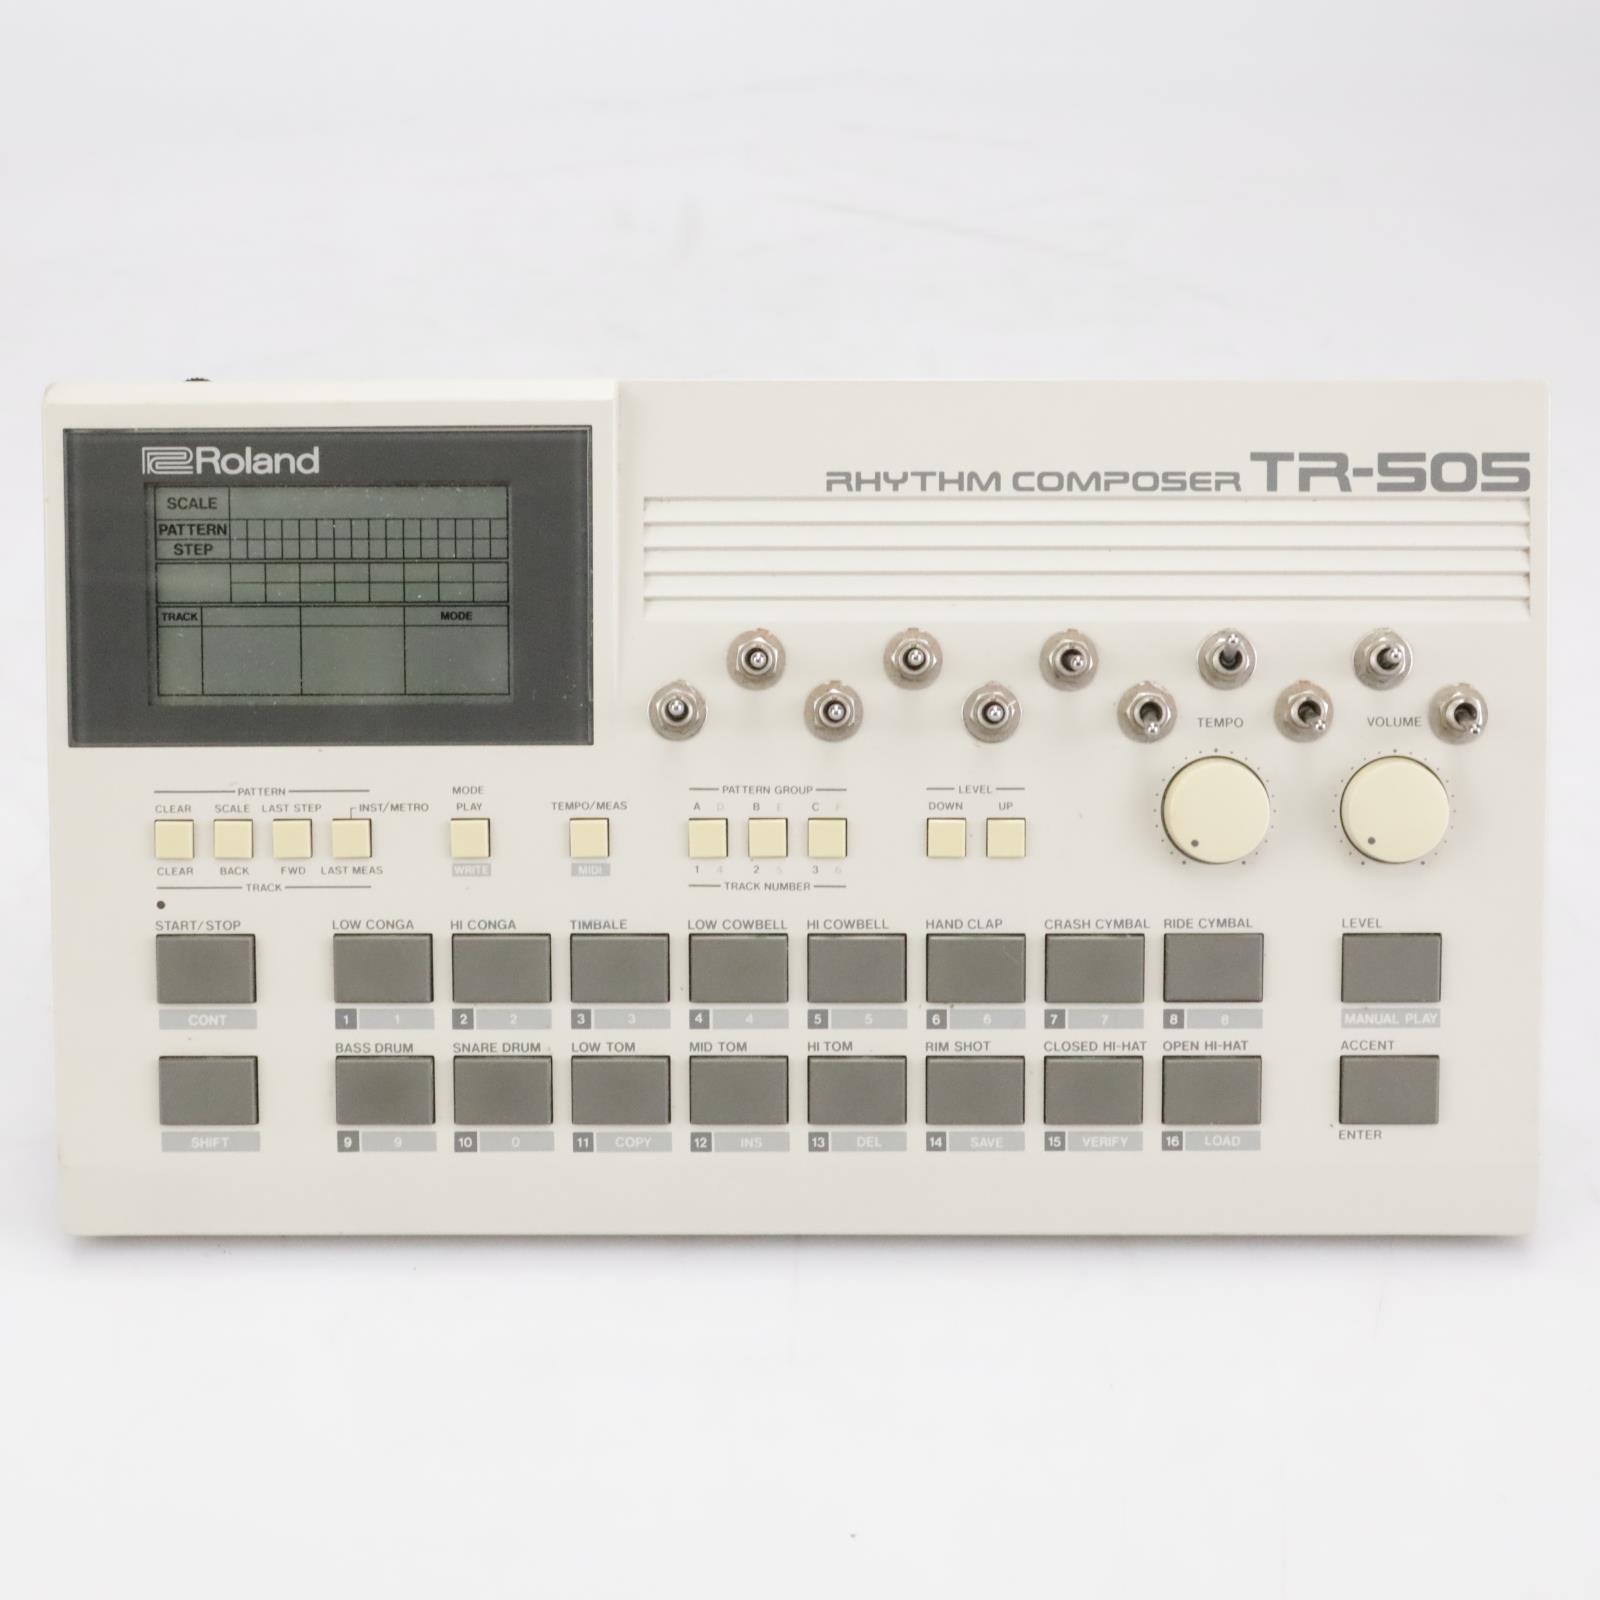 Roland TR-505 Rhythm Composer Drum Machine Modded #41973